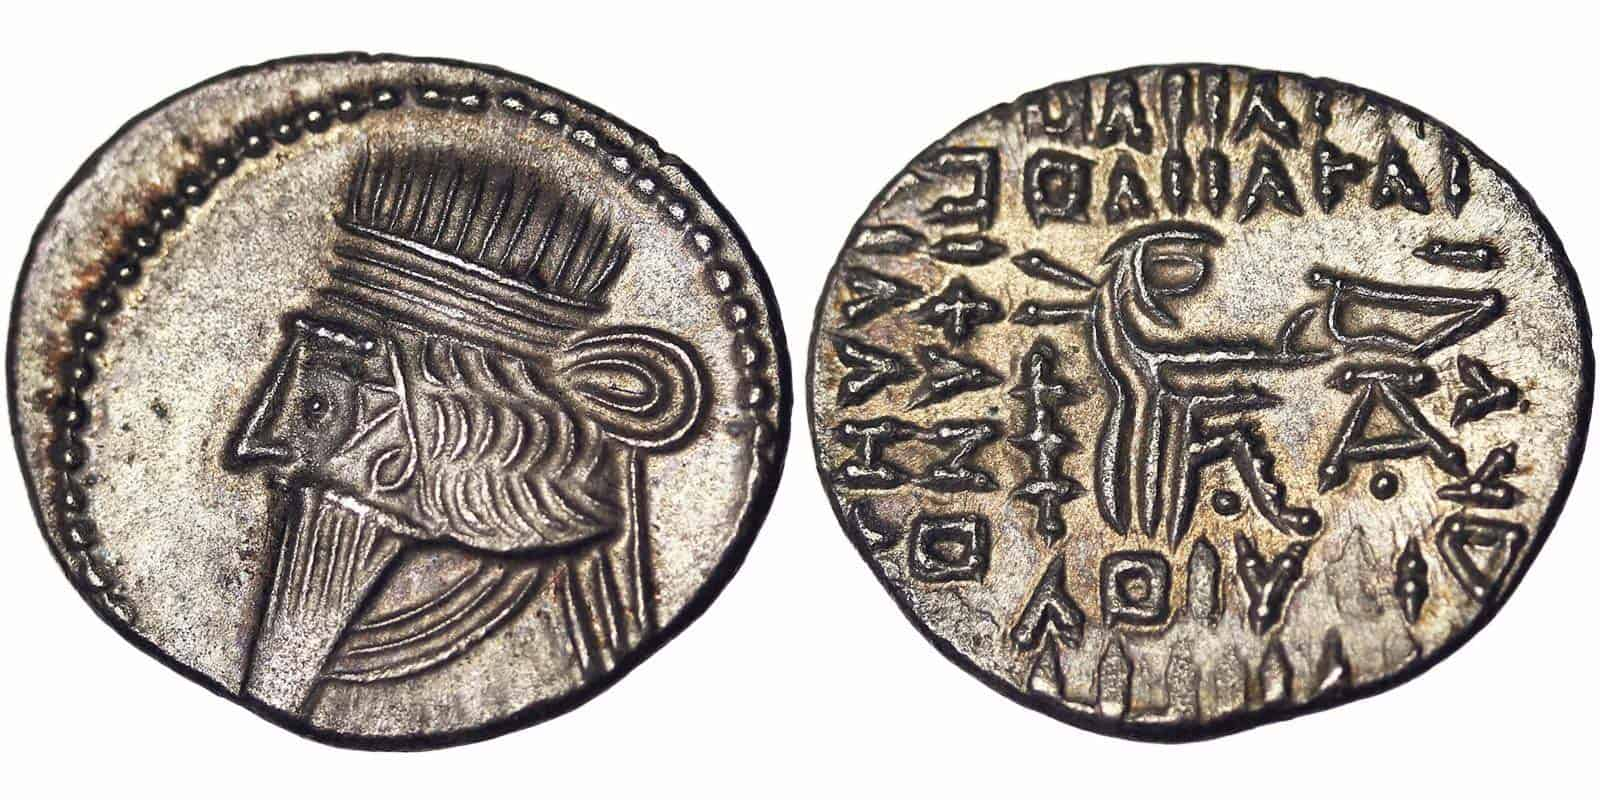 El mercado numismático ayer, hoy y mañana